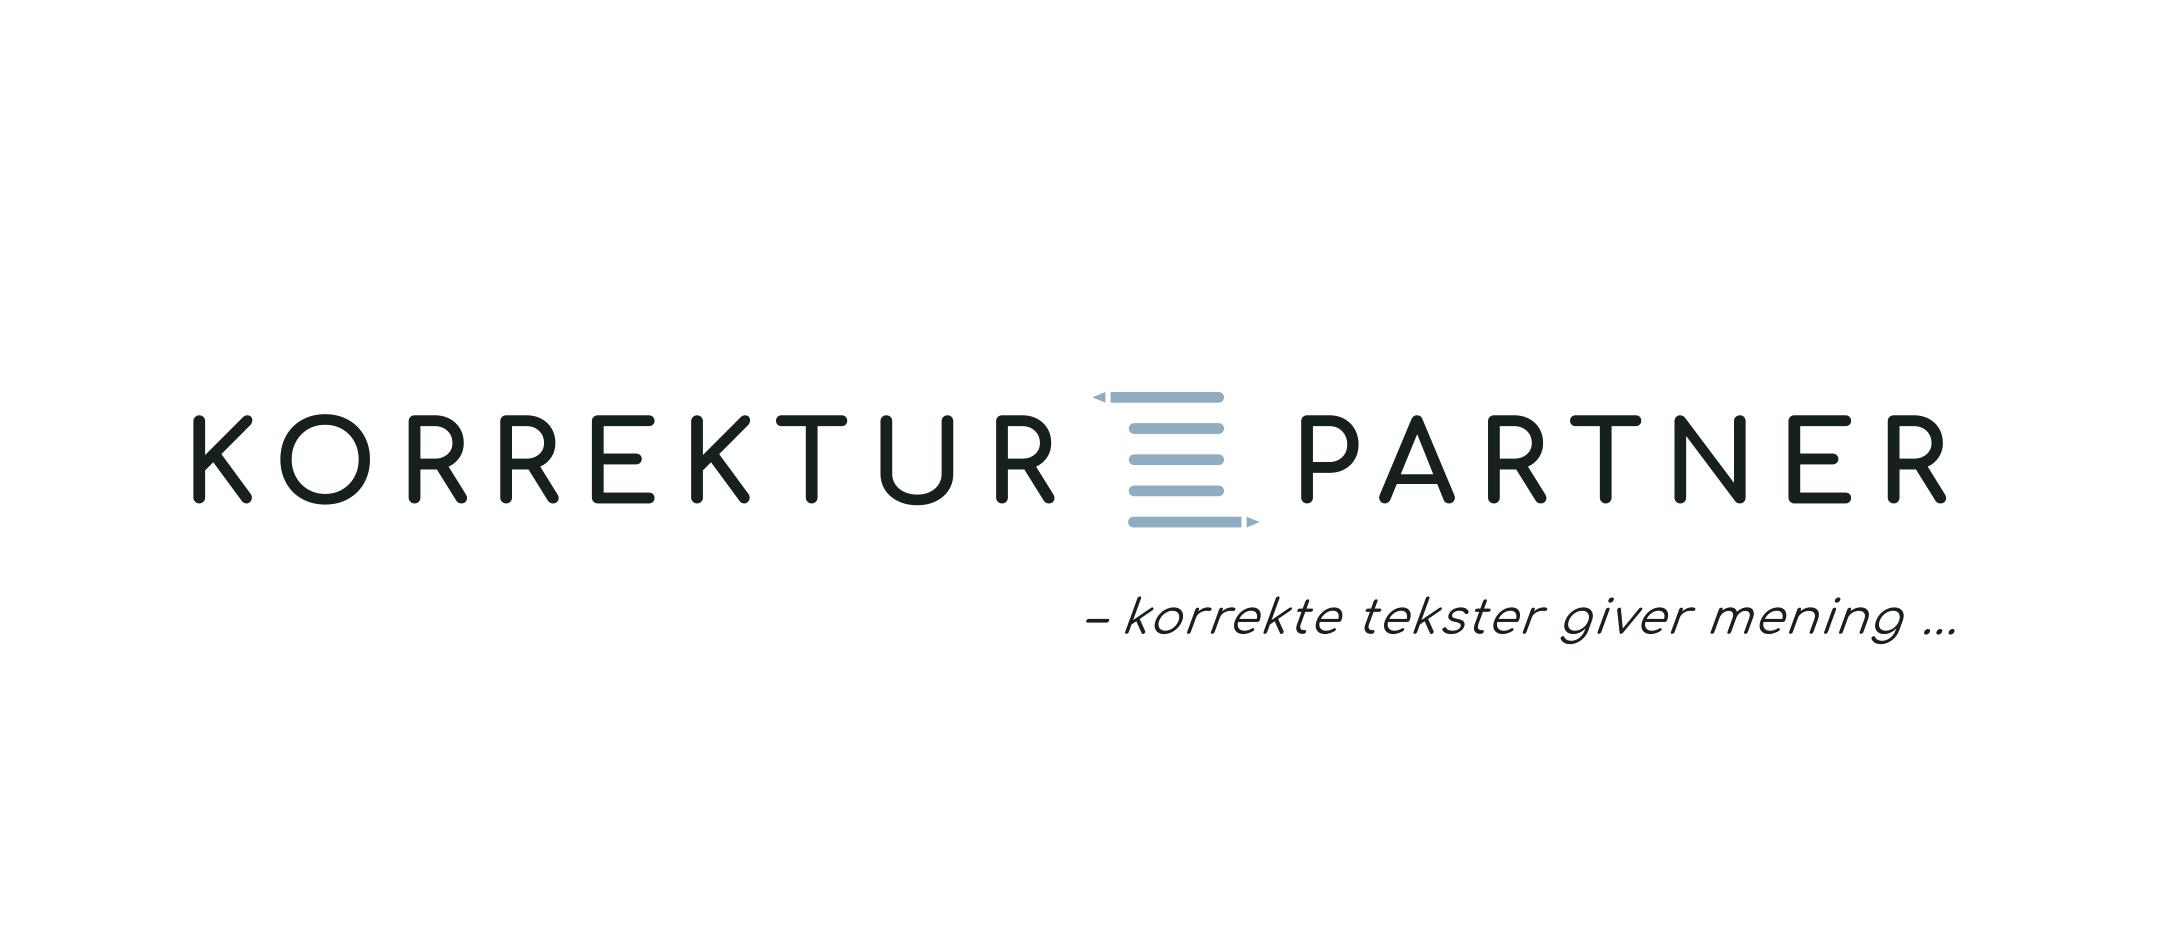 Korrekturpartner logodesign